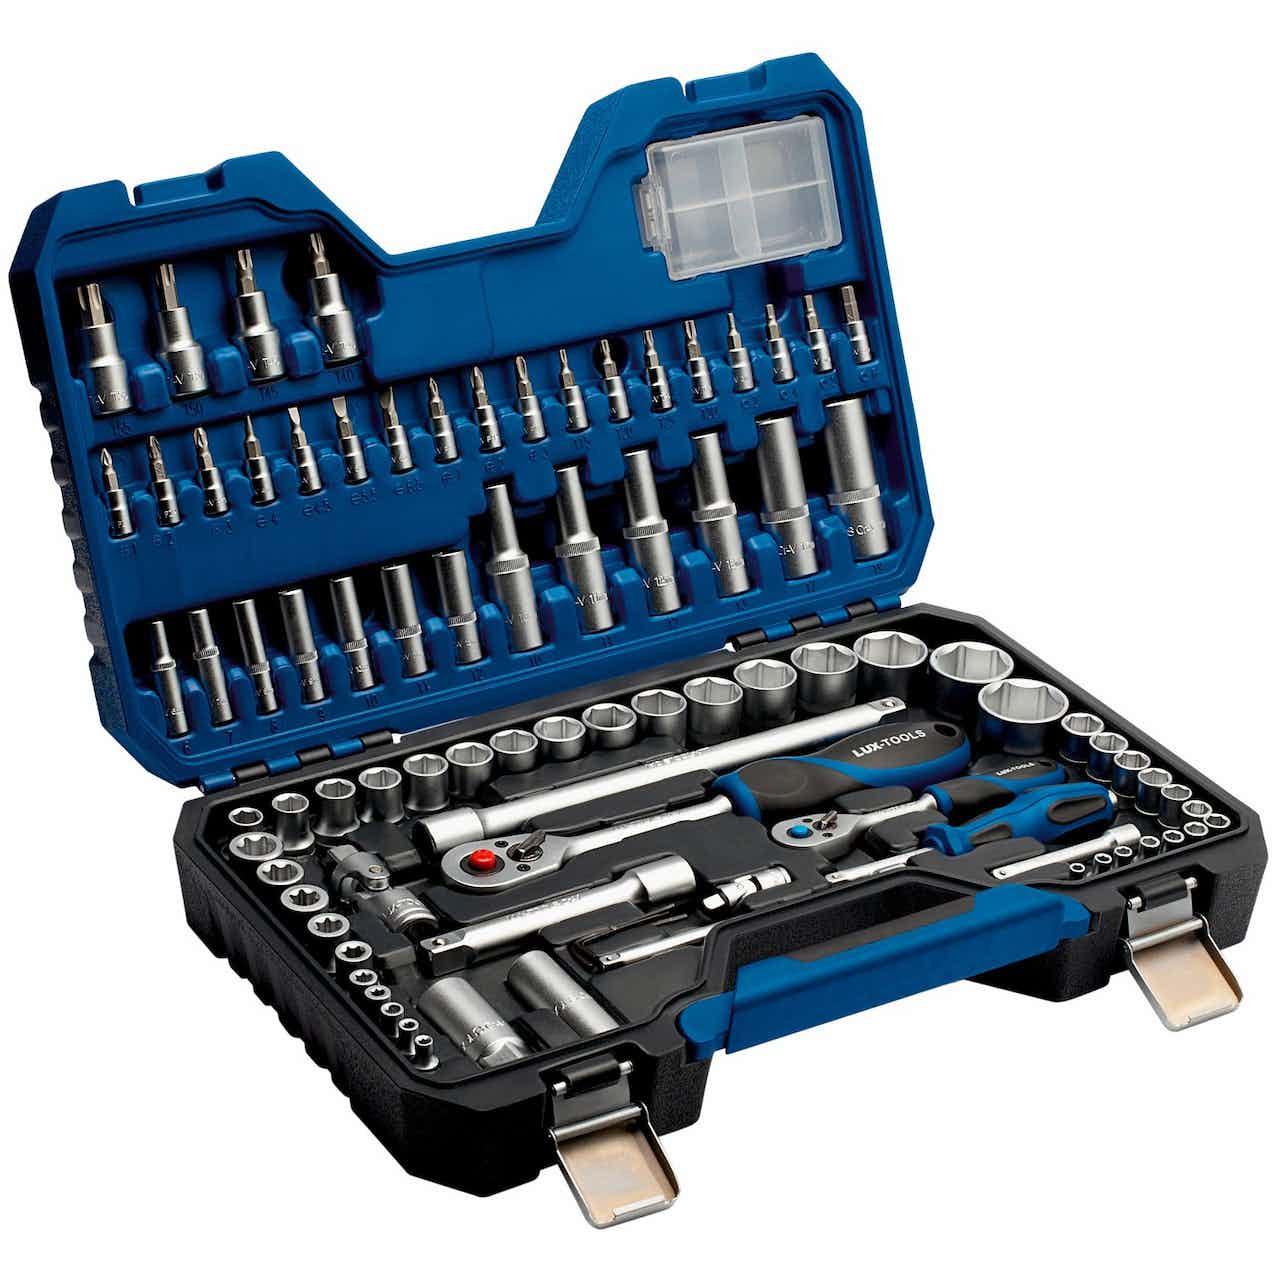 """LUX Steckschlüsselsatz Comfort 6,3 mm (1/4"""") und 12,7 mm (1/2"""") 89-teilig"""